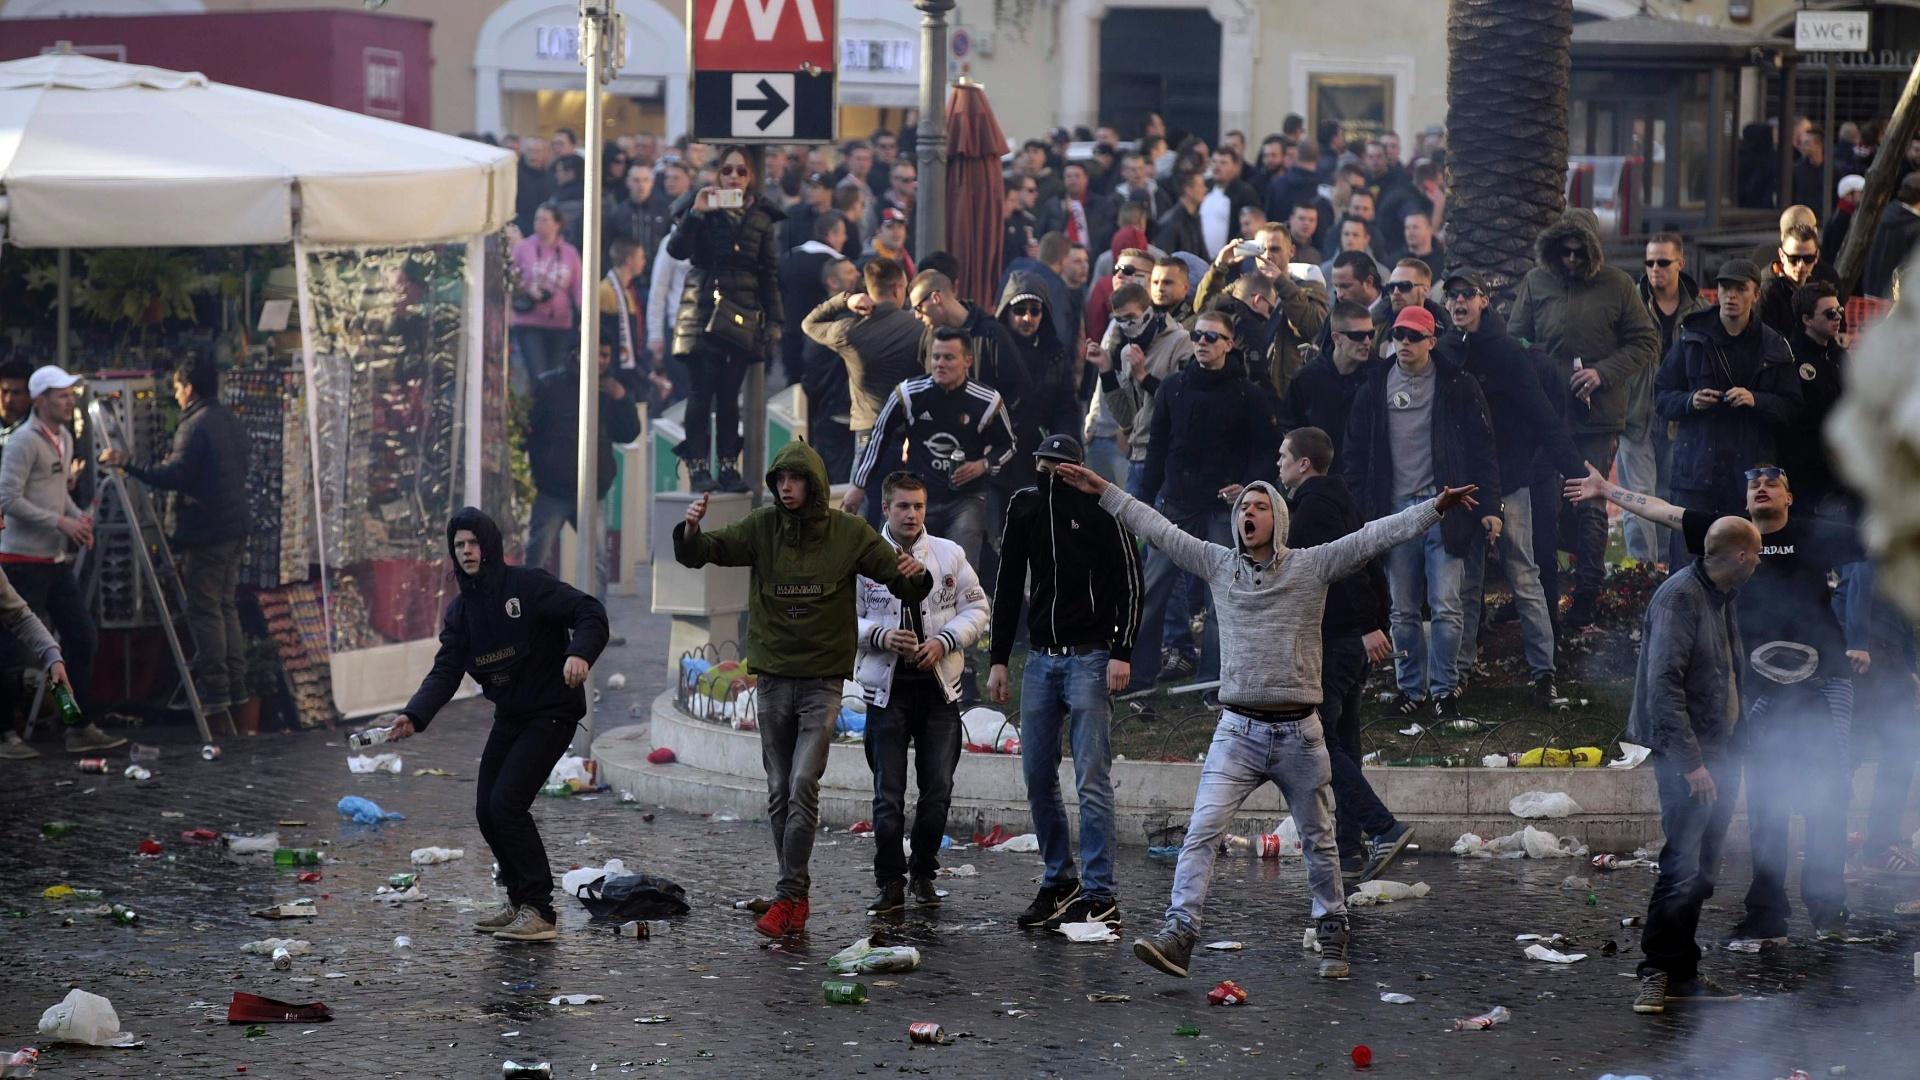 Torcedores do Feyenoord provocam policiais em tradicional praça italiana